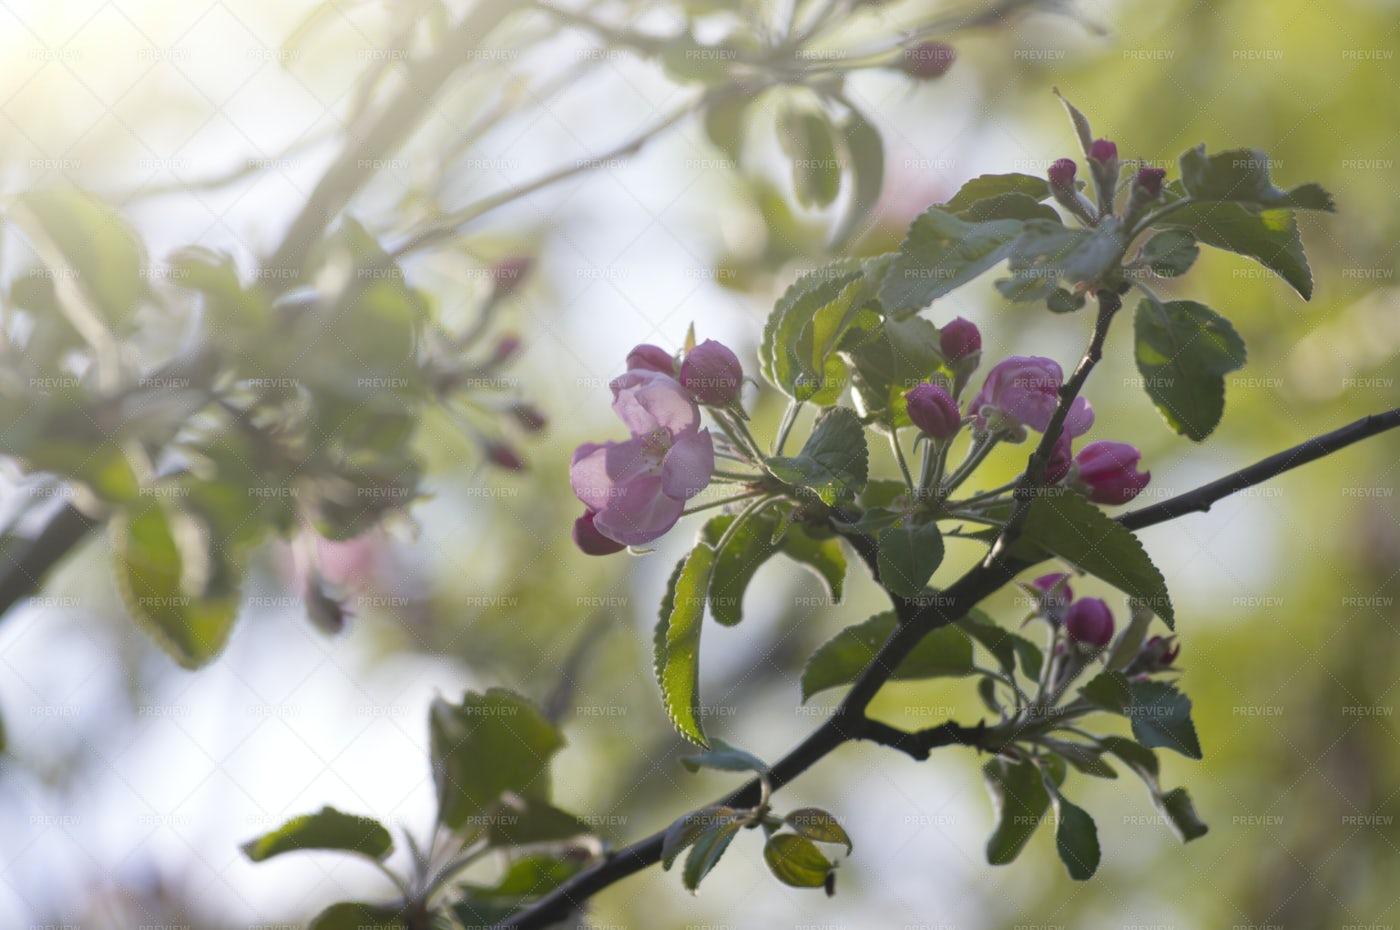 Spring Garden In Blossom: Stock Photos